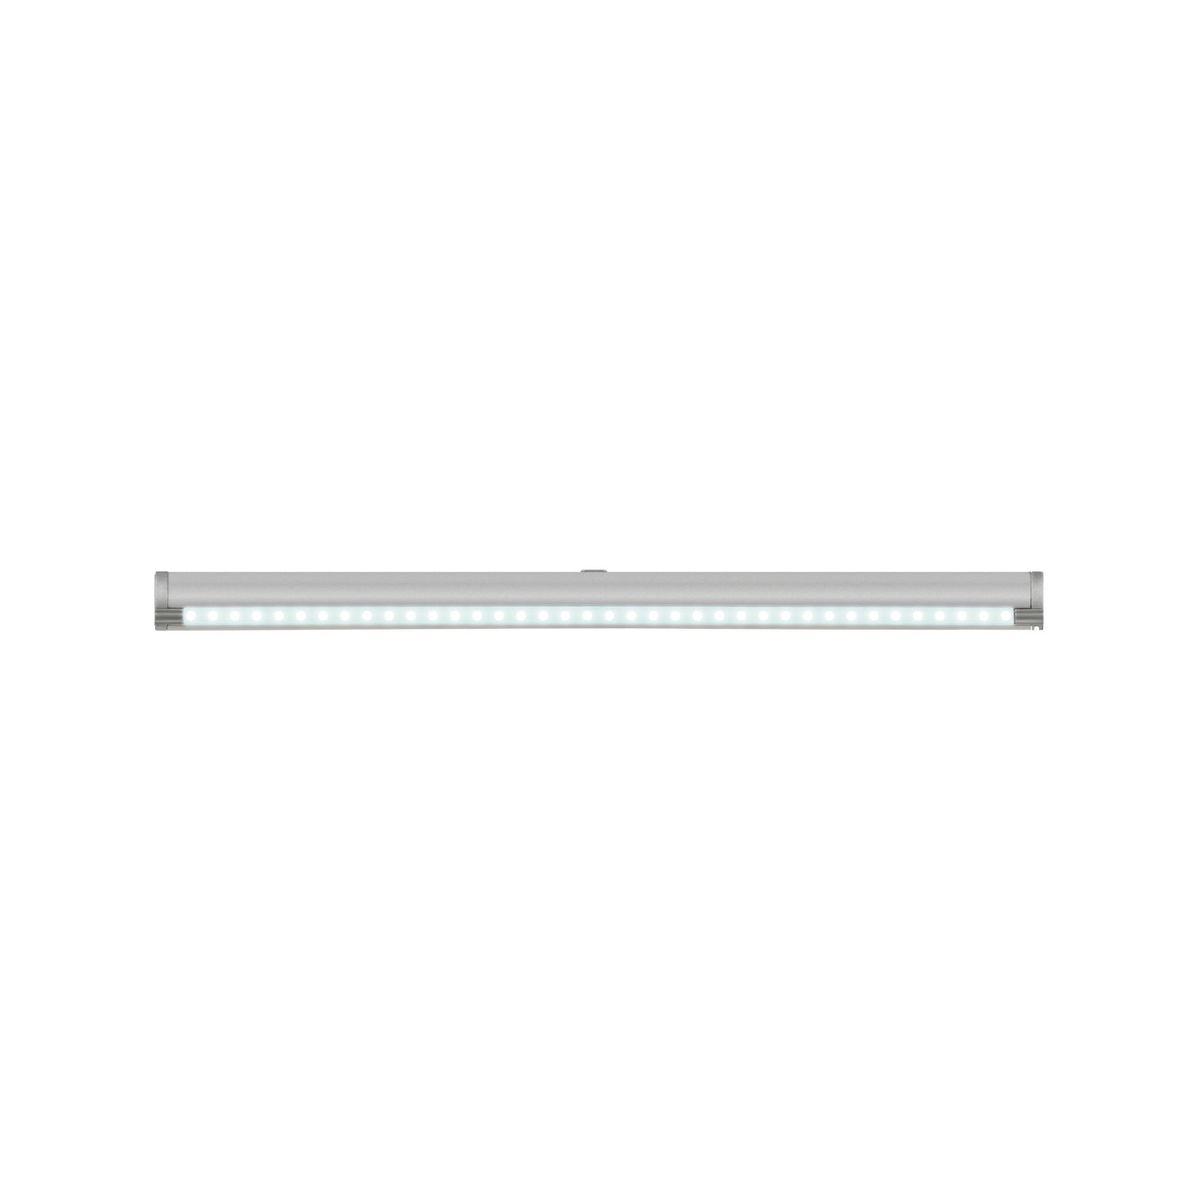 Настенно-потолочный светильник Uniel, LED, 1.98 Вт комплект постельного белья ситрейд ac053 e 4 евро наволочки 4 шт